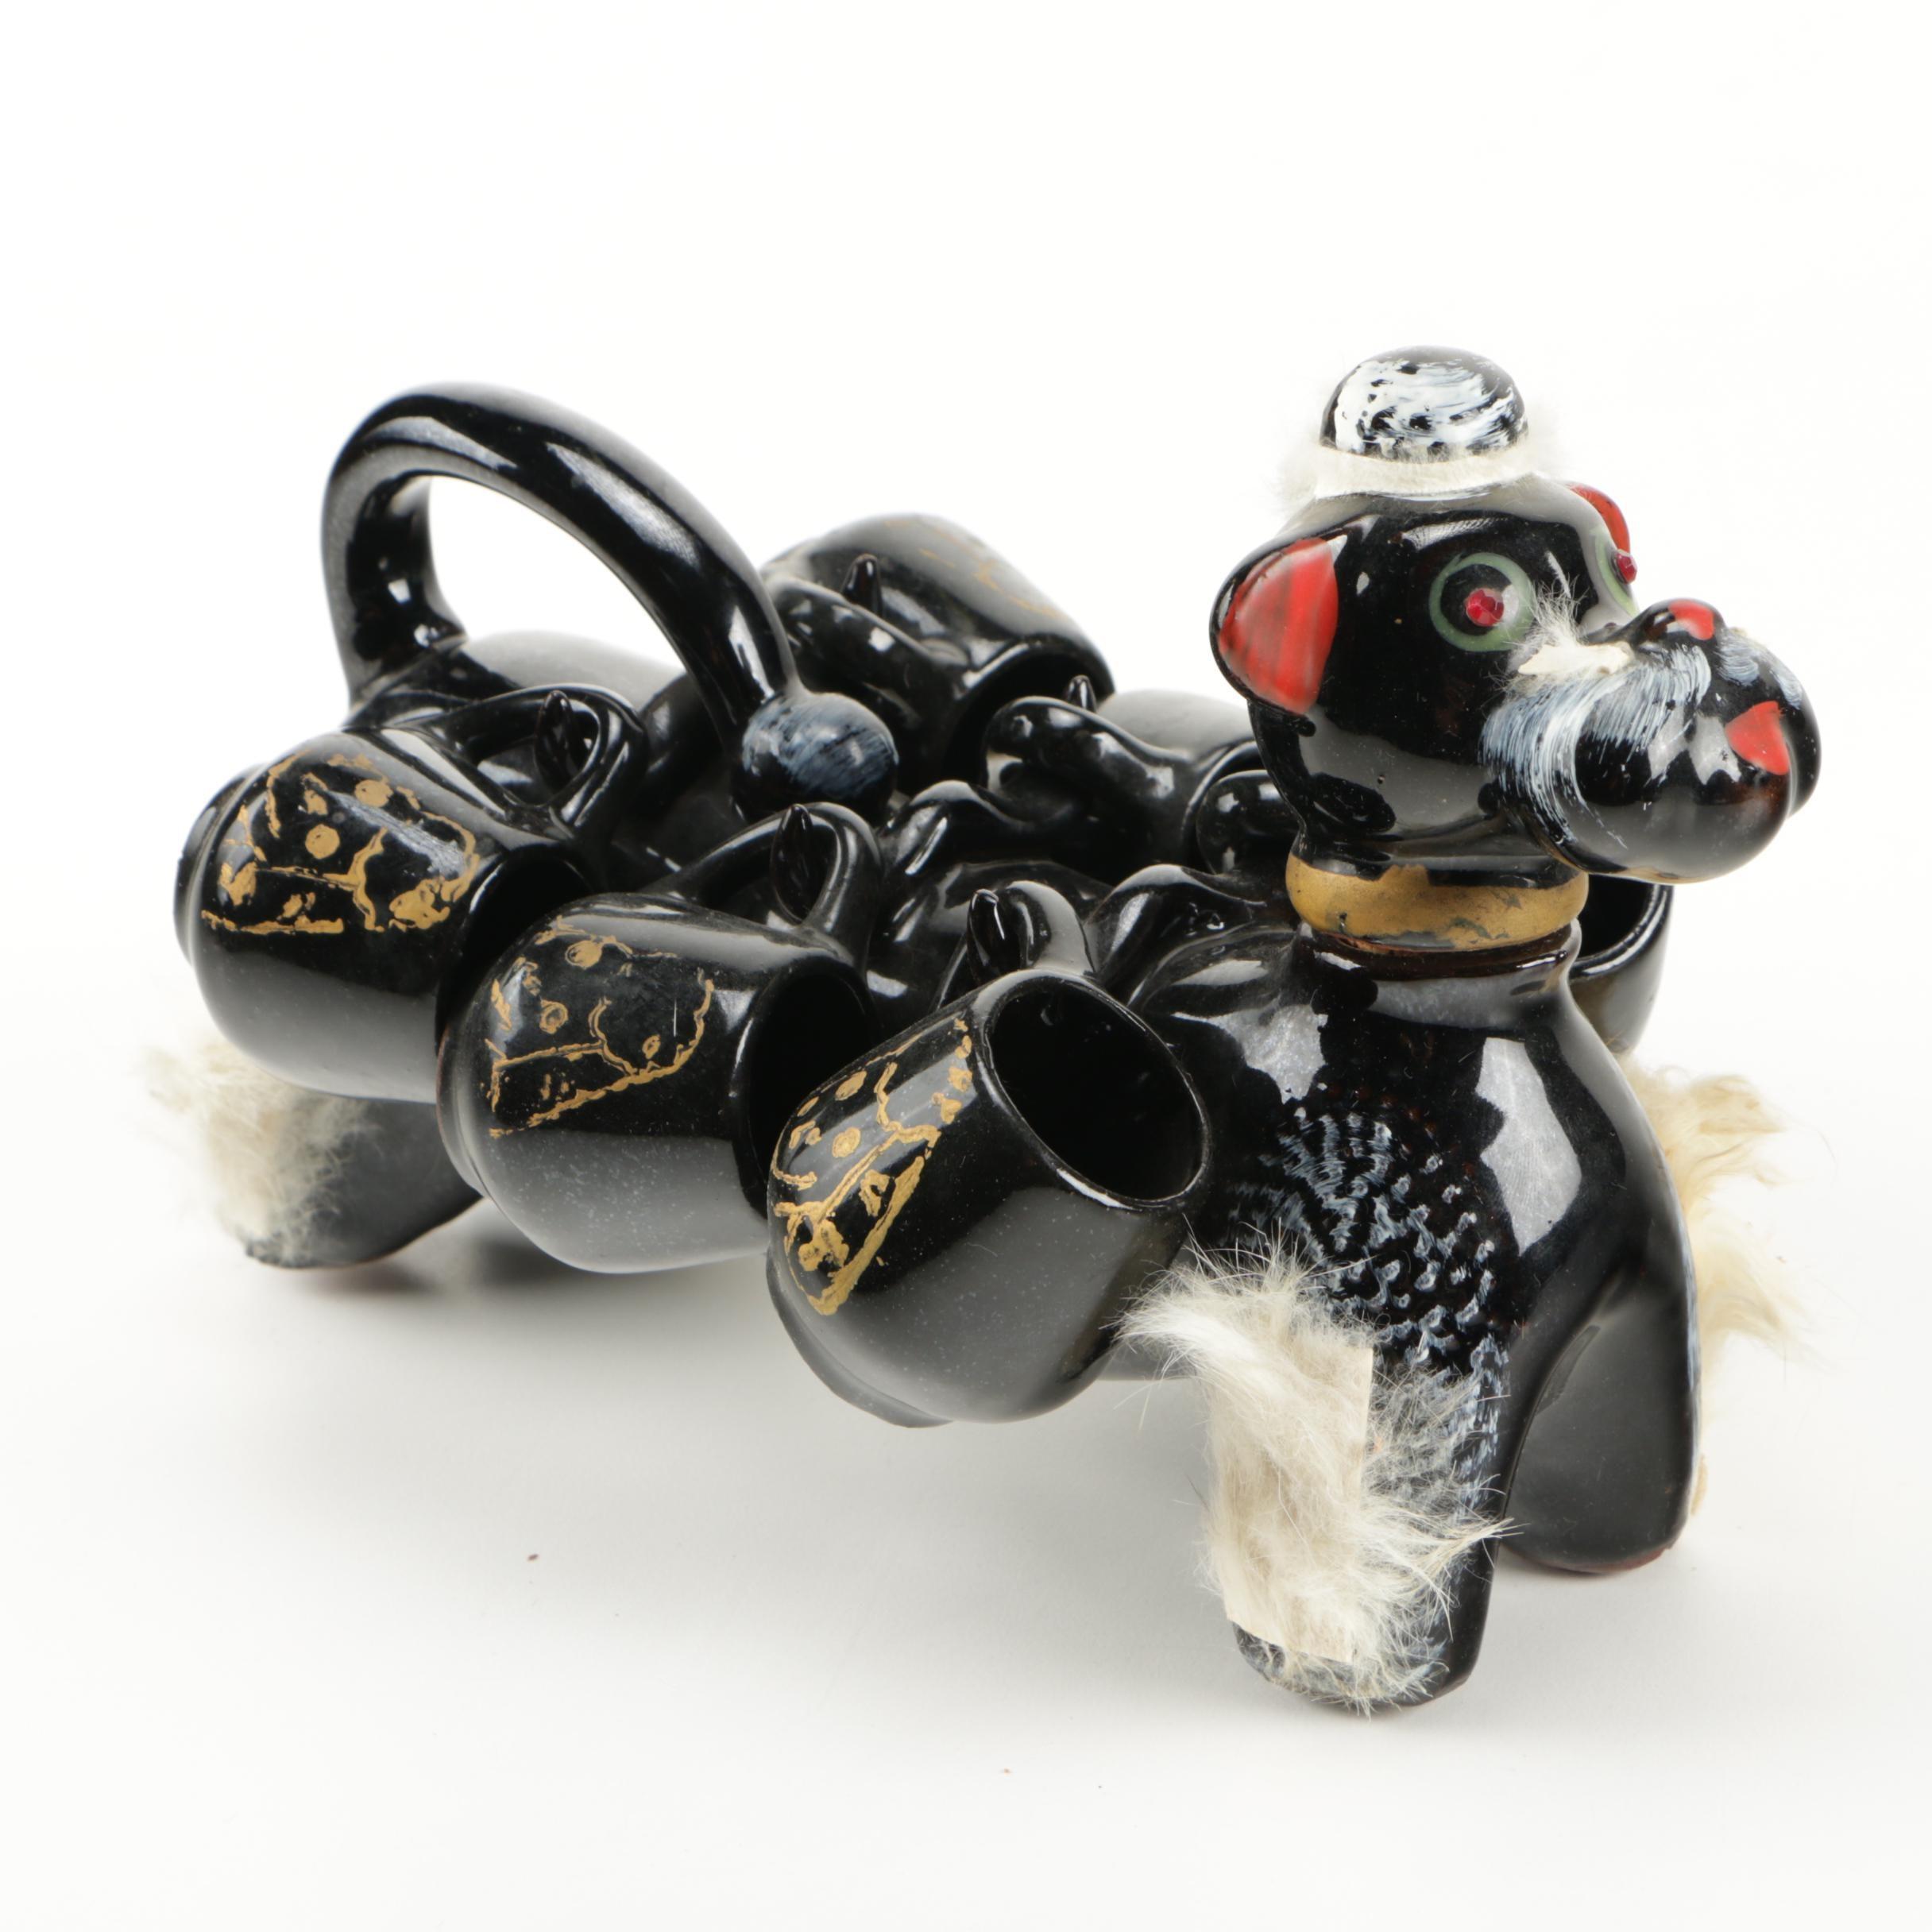 Japanese Black Ceramic Dog Tea Set